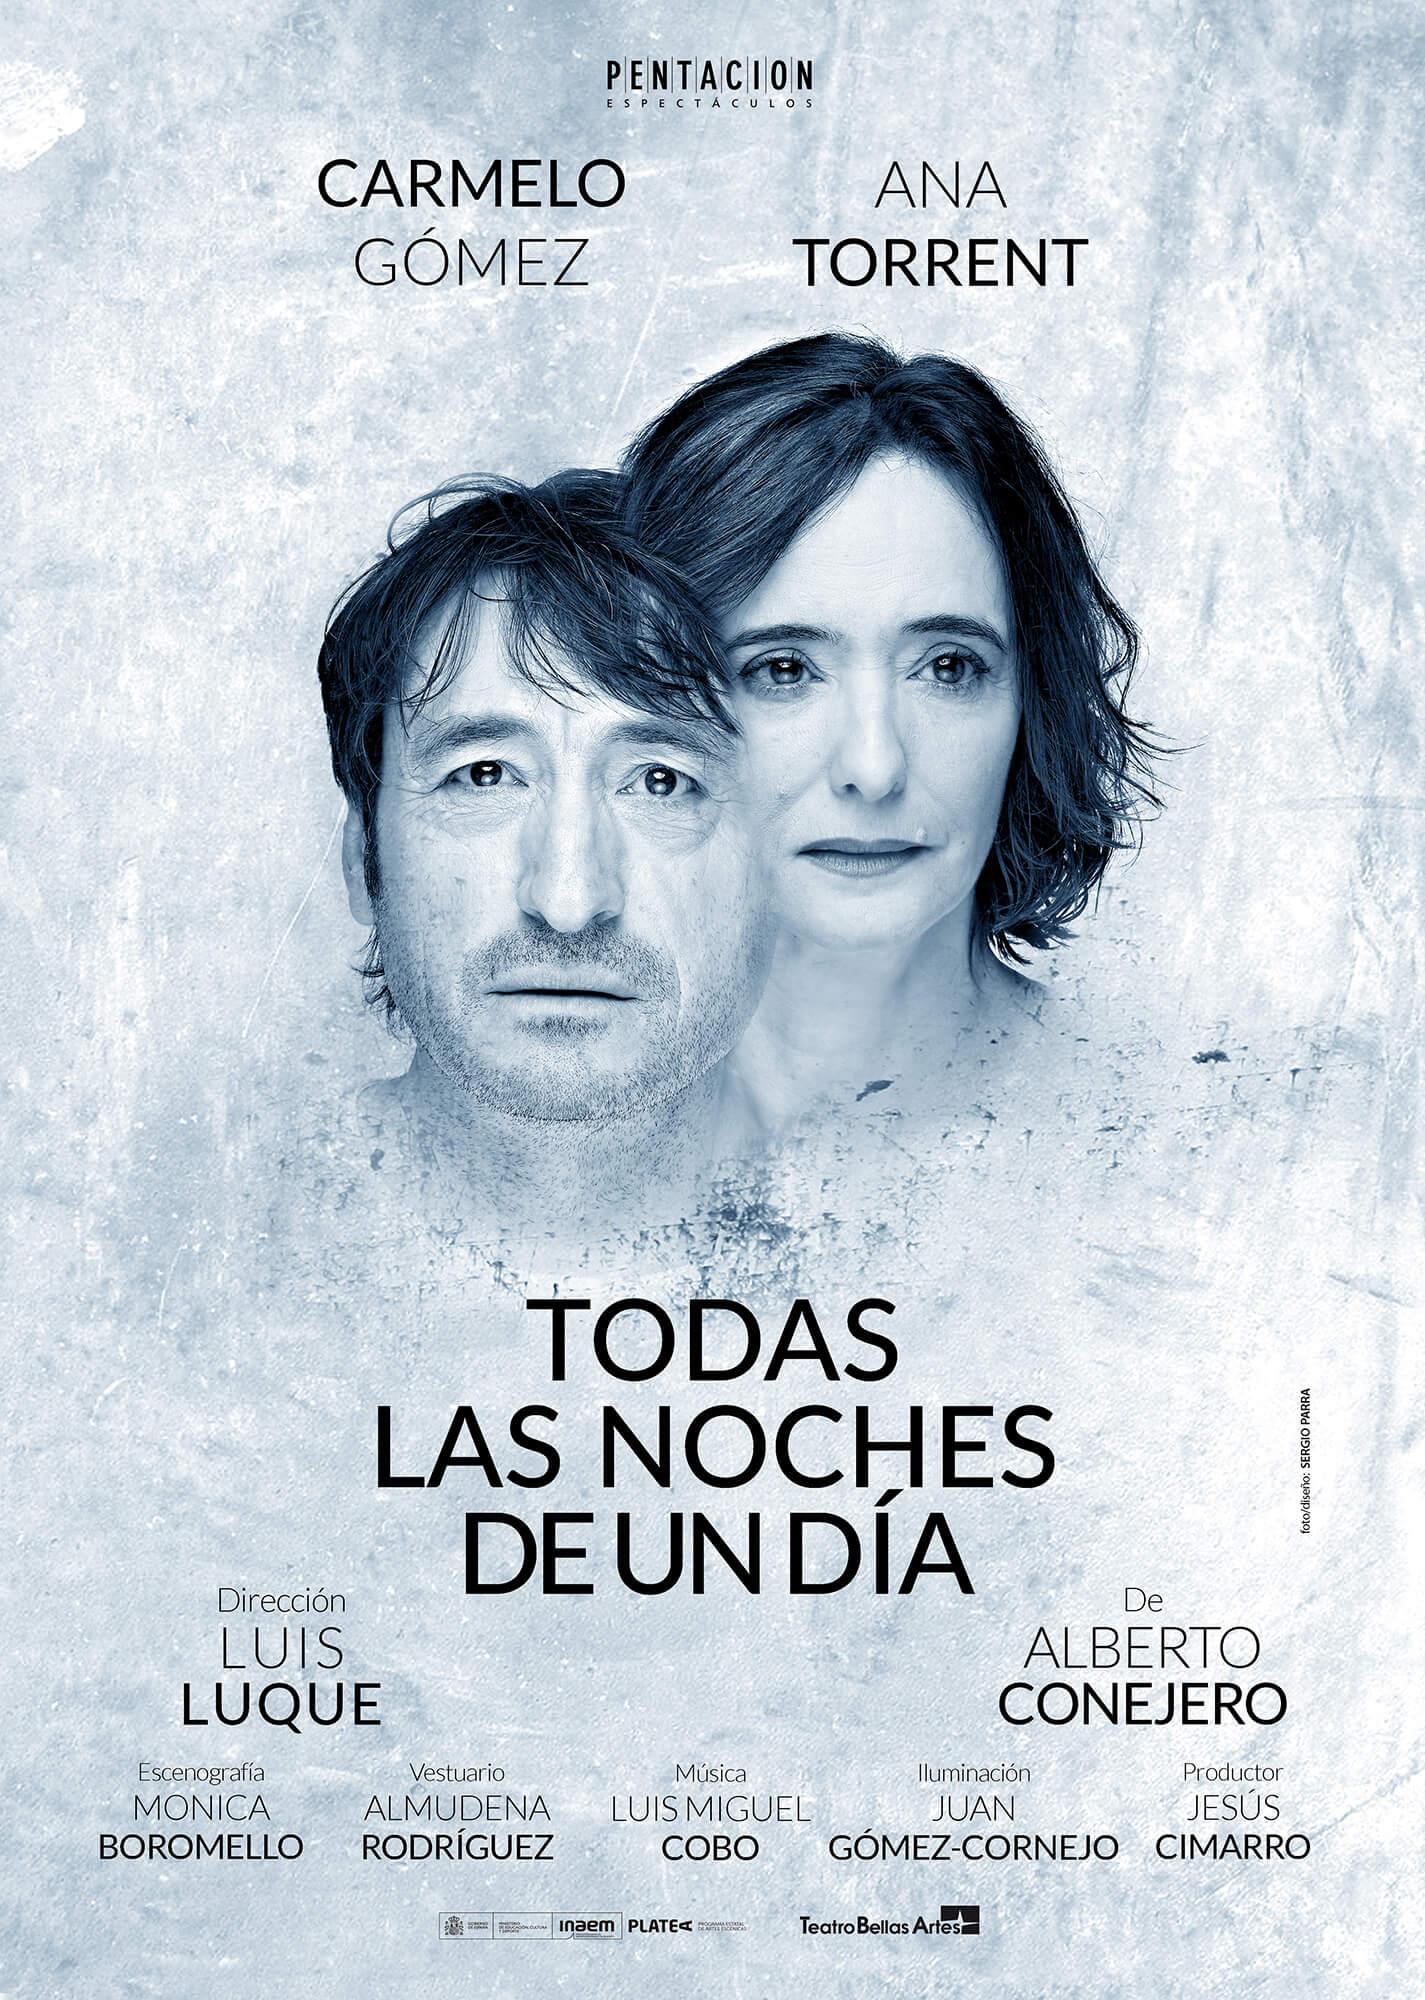 Todas las noches de un día - Teatro - Carmelo Gómez